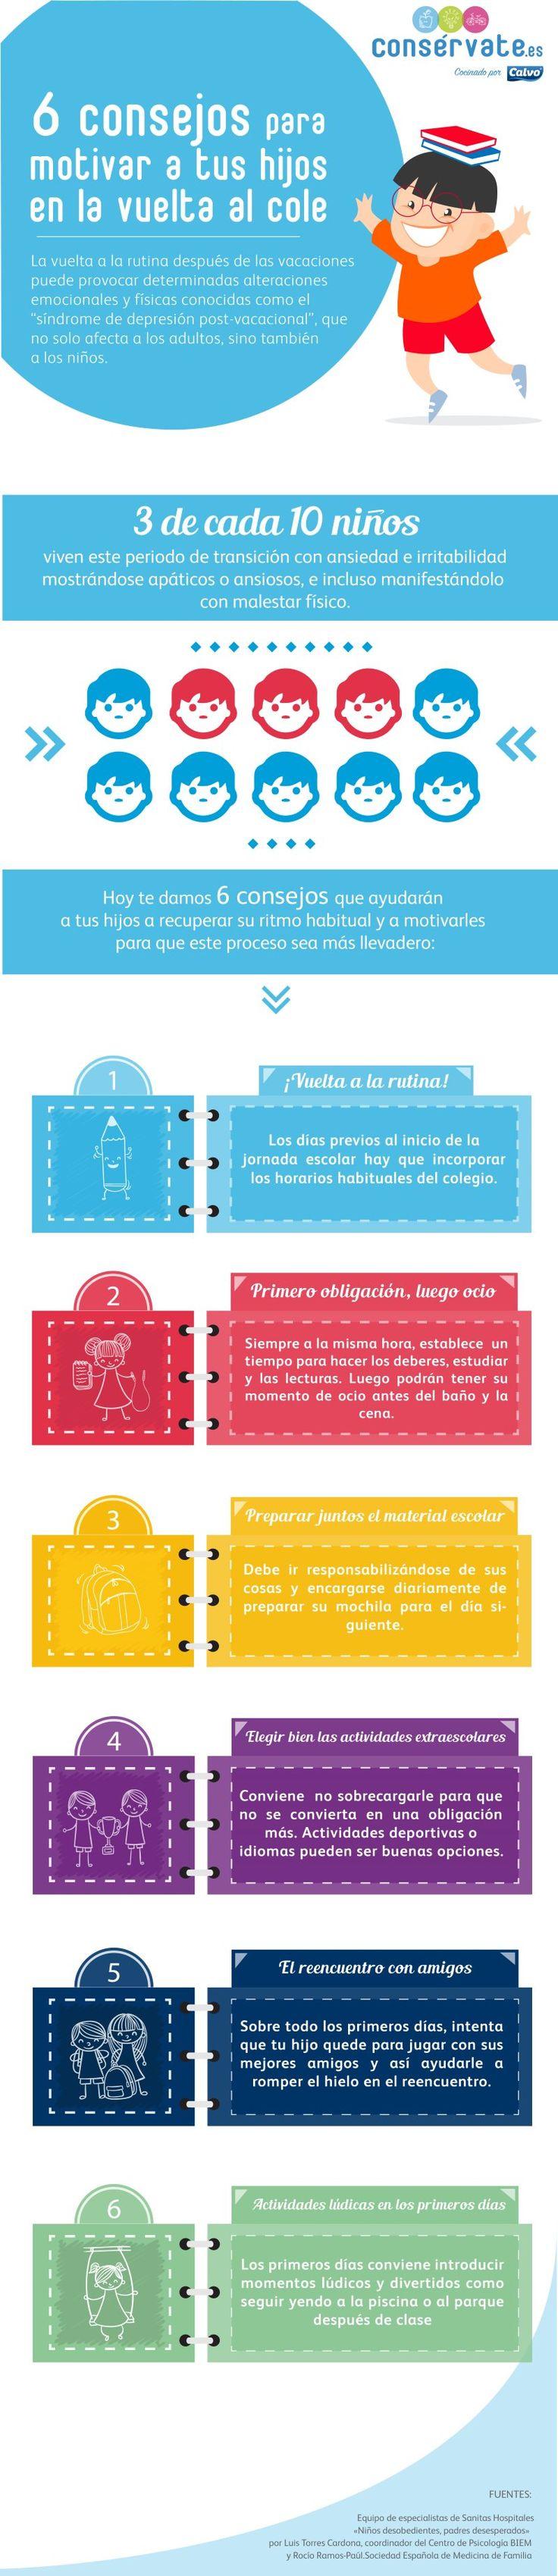 #Infografía: Consejos para motivar a tus hijos en la vuelta al cole